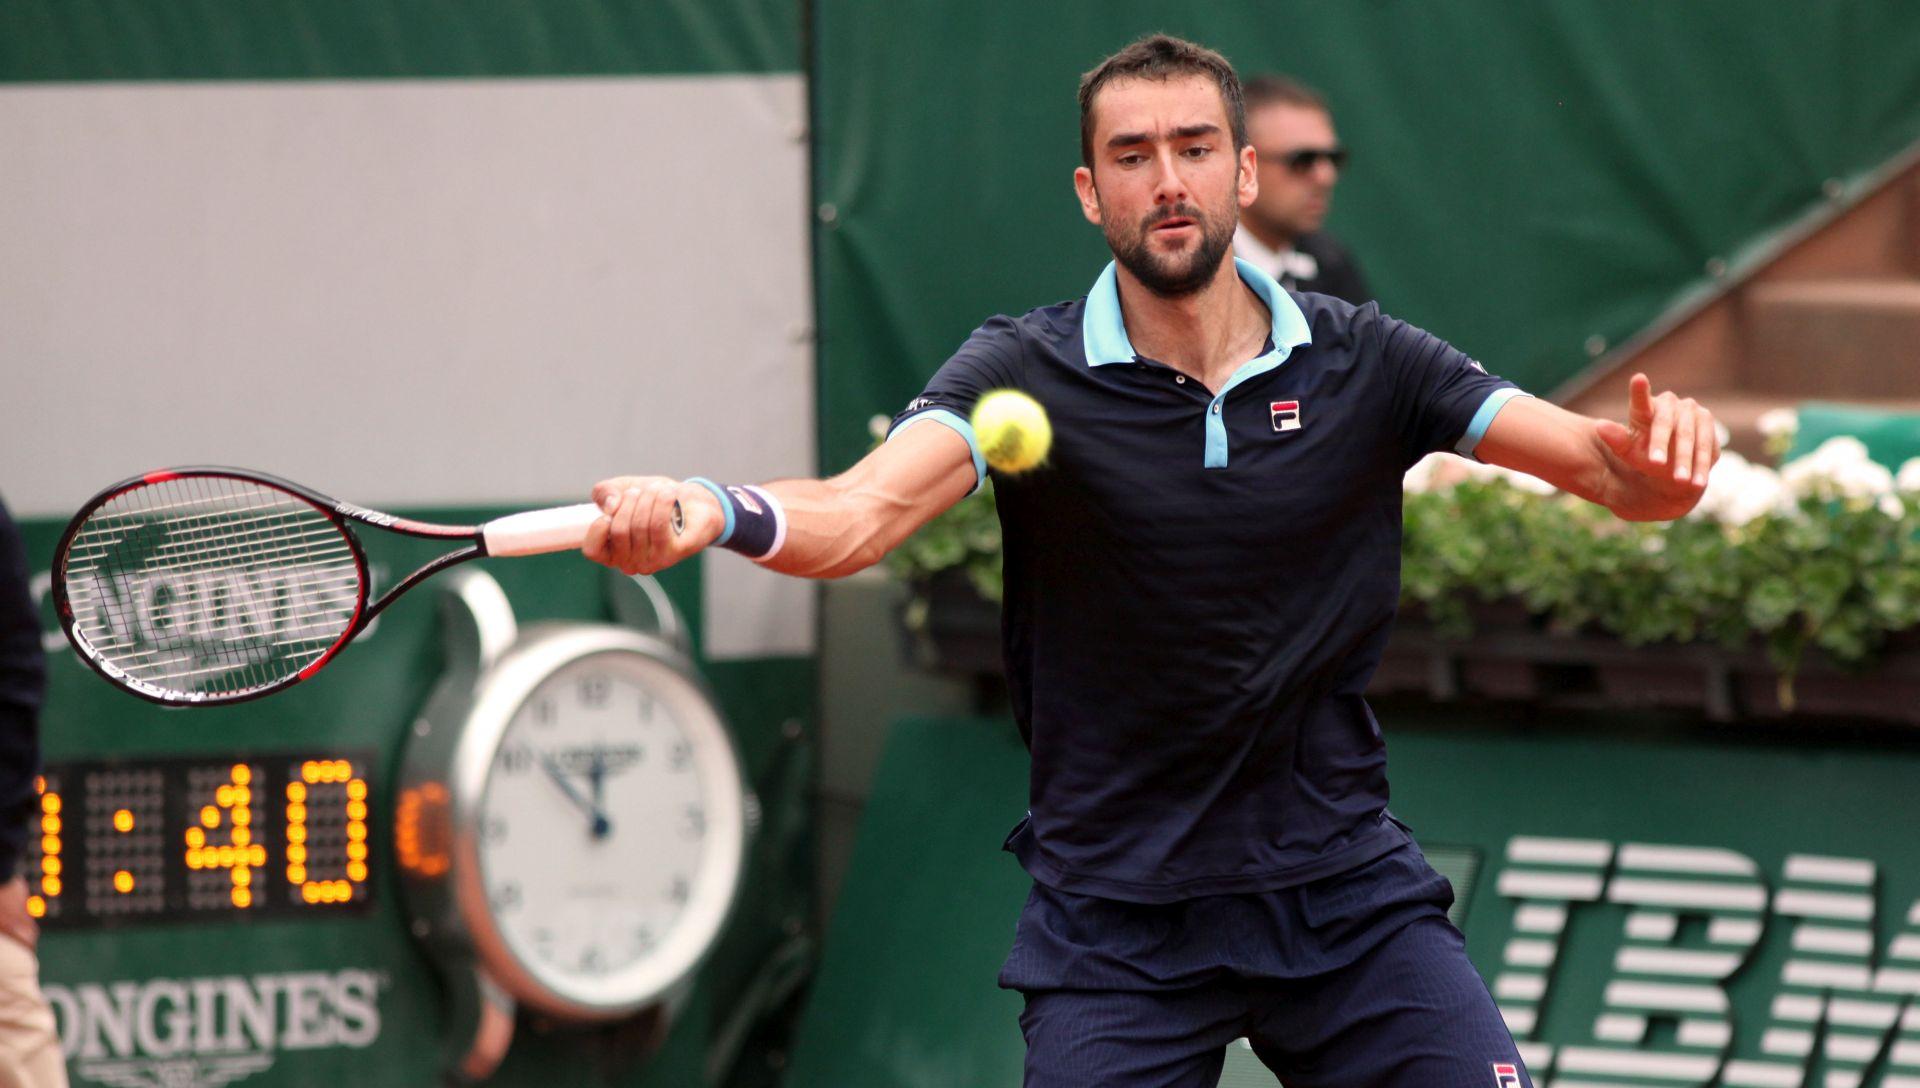 ATP Čilić sedmi, Karlović 24.